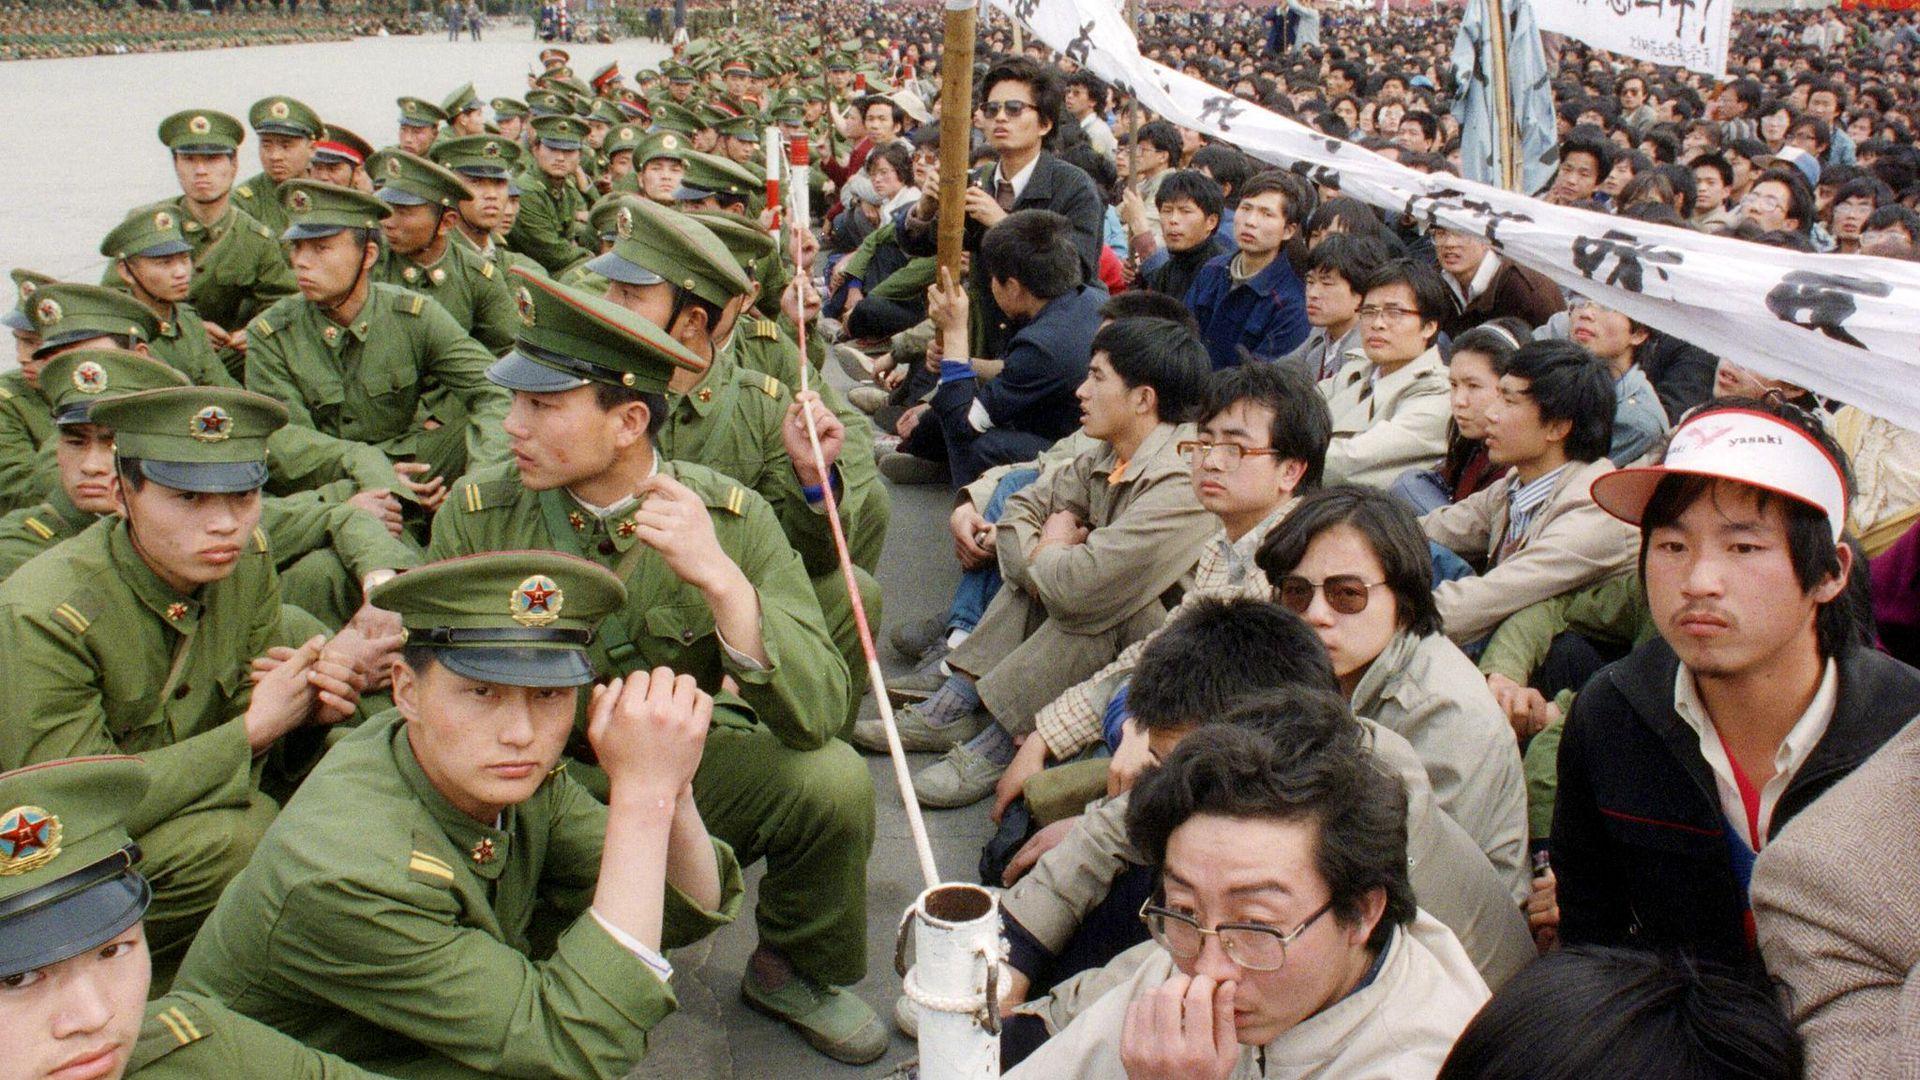 सत्ता के लिए अपने लोगों को मारना ही कम्युनिस्टों की परंपरा है, चीन के तिएनमेन चौक नरसंहार के 31 साल